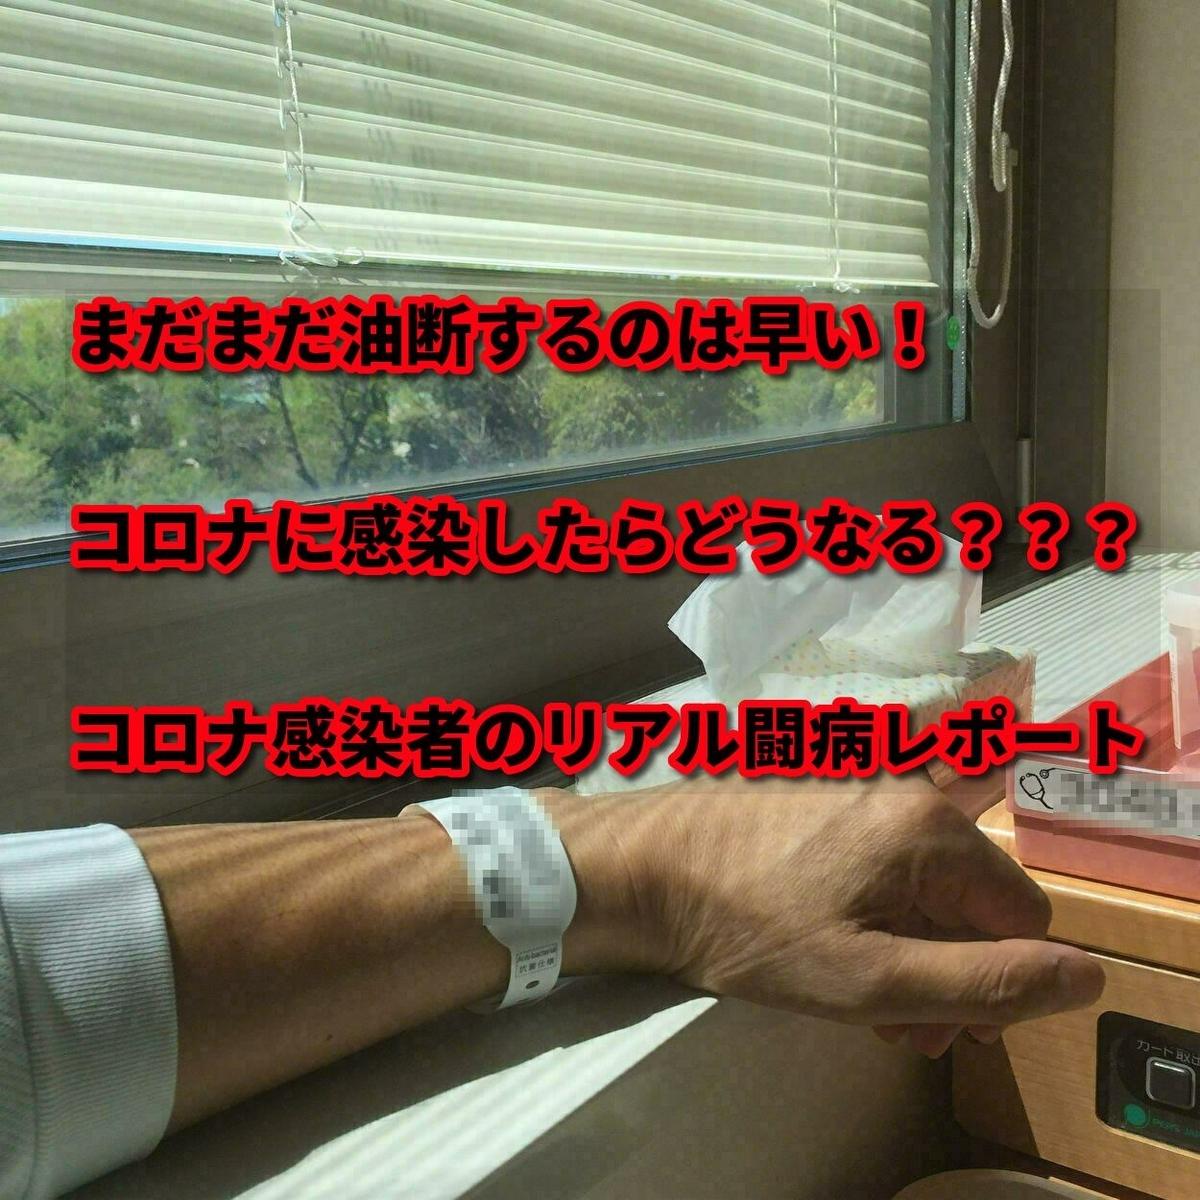 コロナ感染,ウィルス,PCR検査,入院,隔離,肺炎